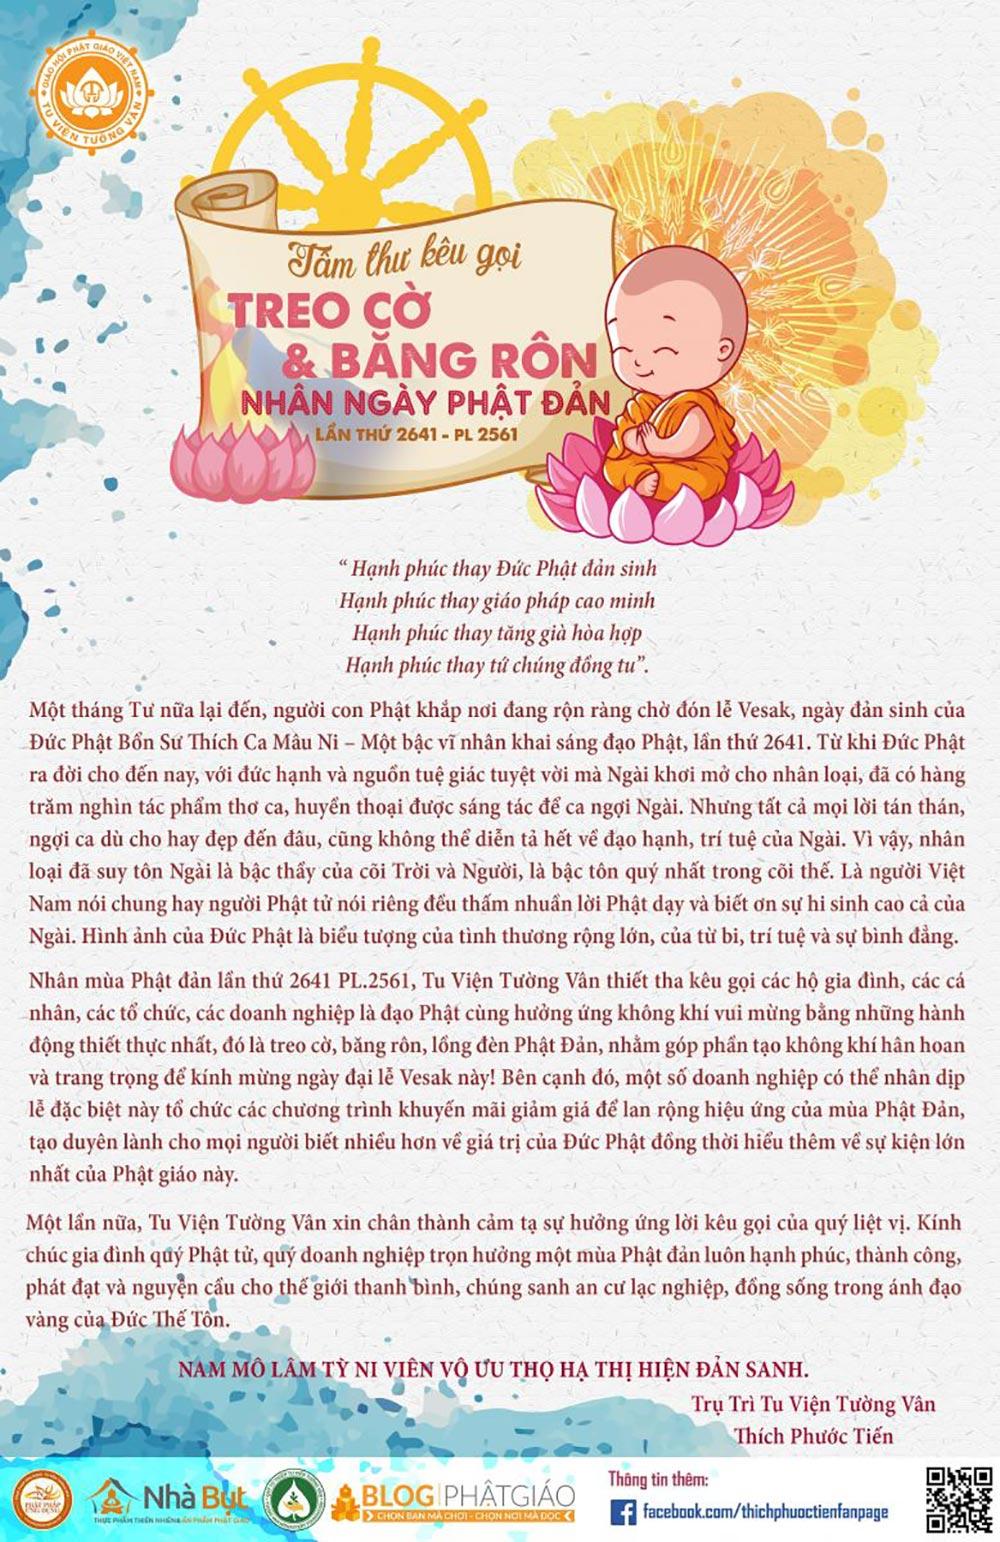 Tâm Thư Kêu Gọi Treo Cờ Và Băng Rôn Nhân Dịp Phật Đản PL 2561 - DL 2017 - ppud